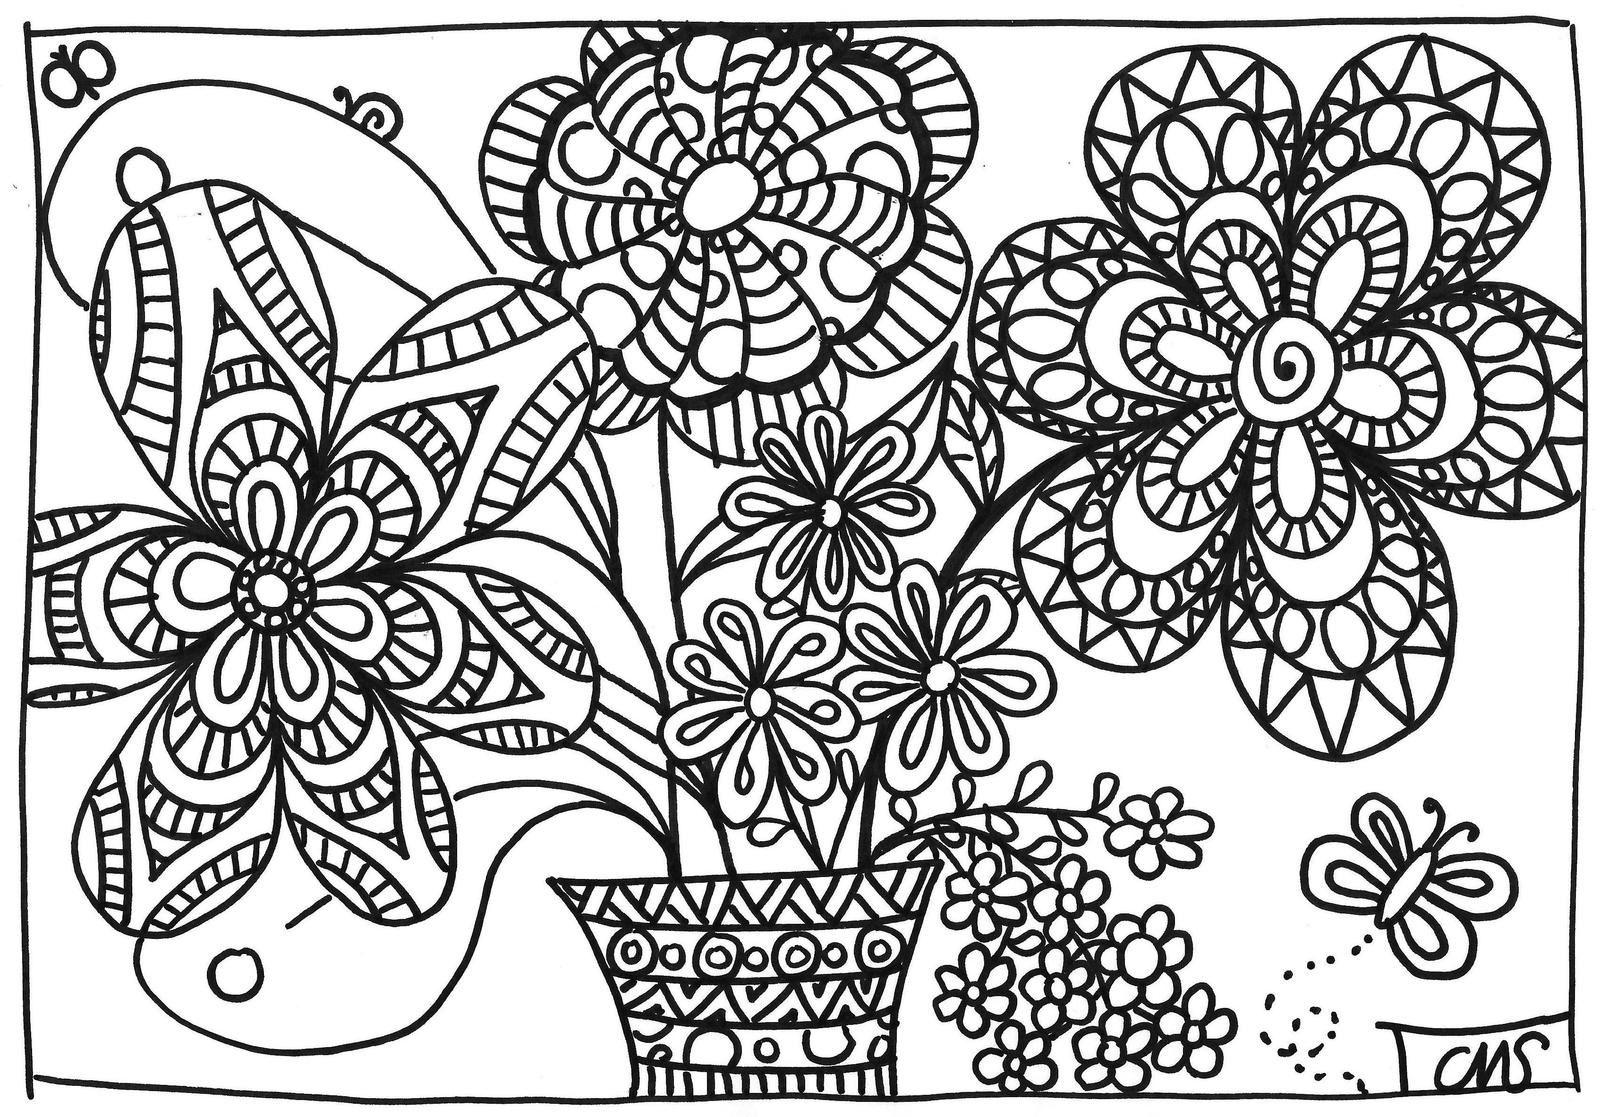 Coloriage Avril Printemps.Coloriage Bouquet De Printemps Crapouilleries